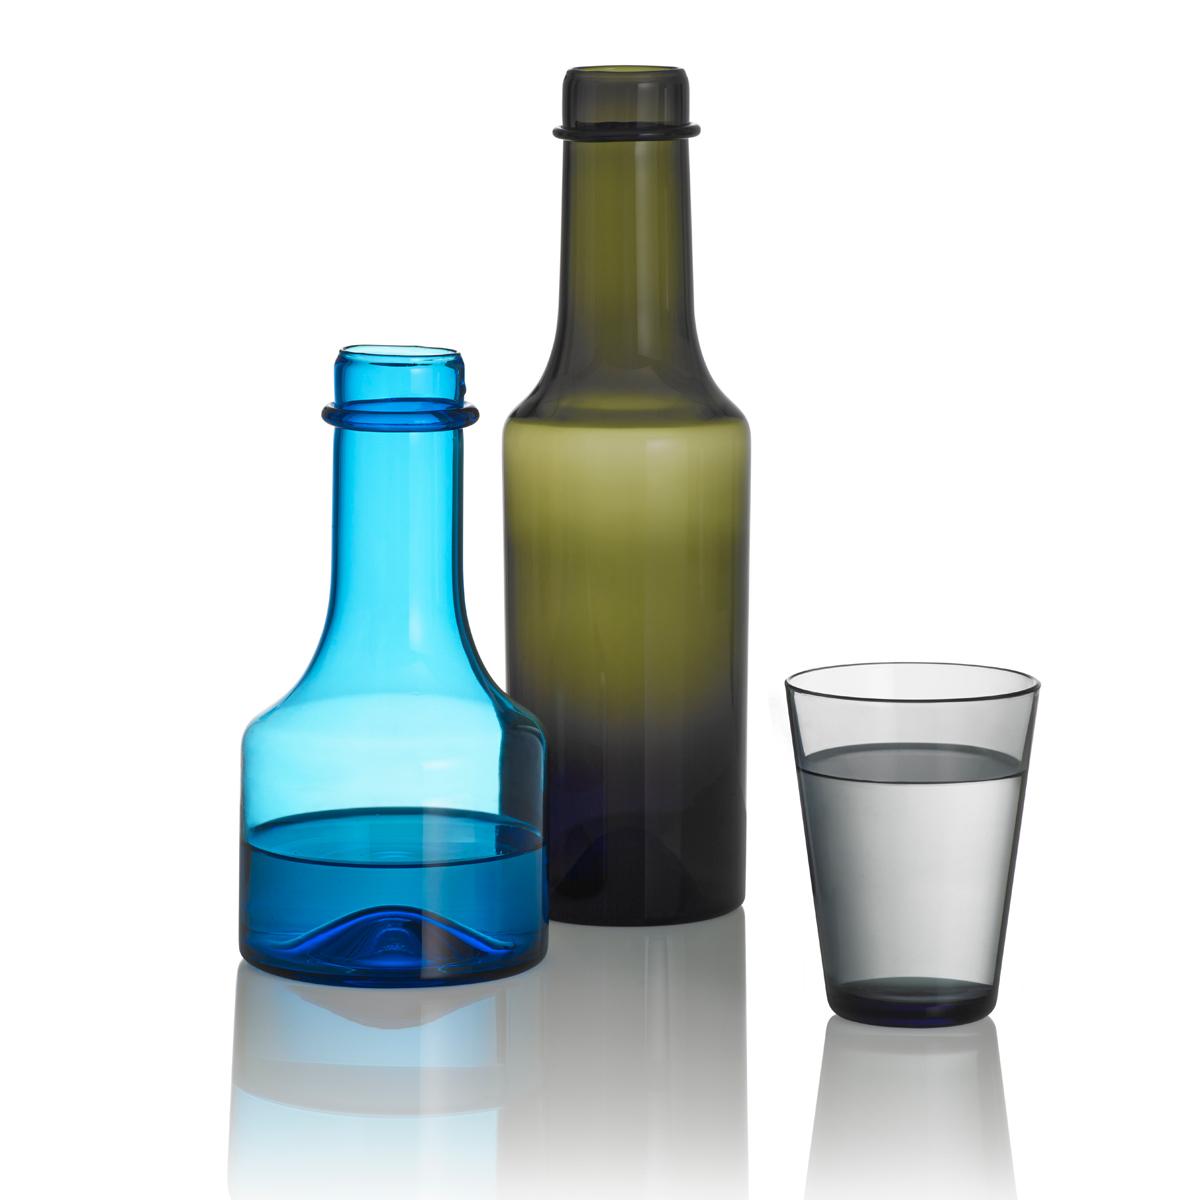 bottle-tapio-wirkkala-iittala-02